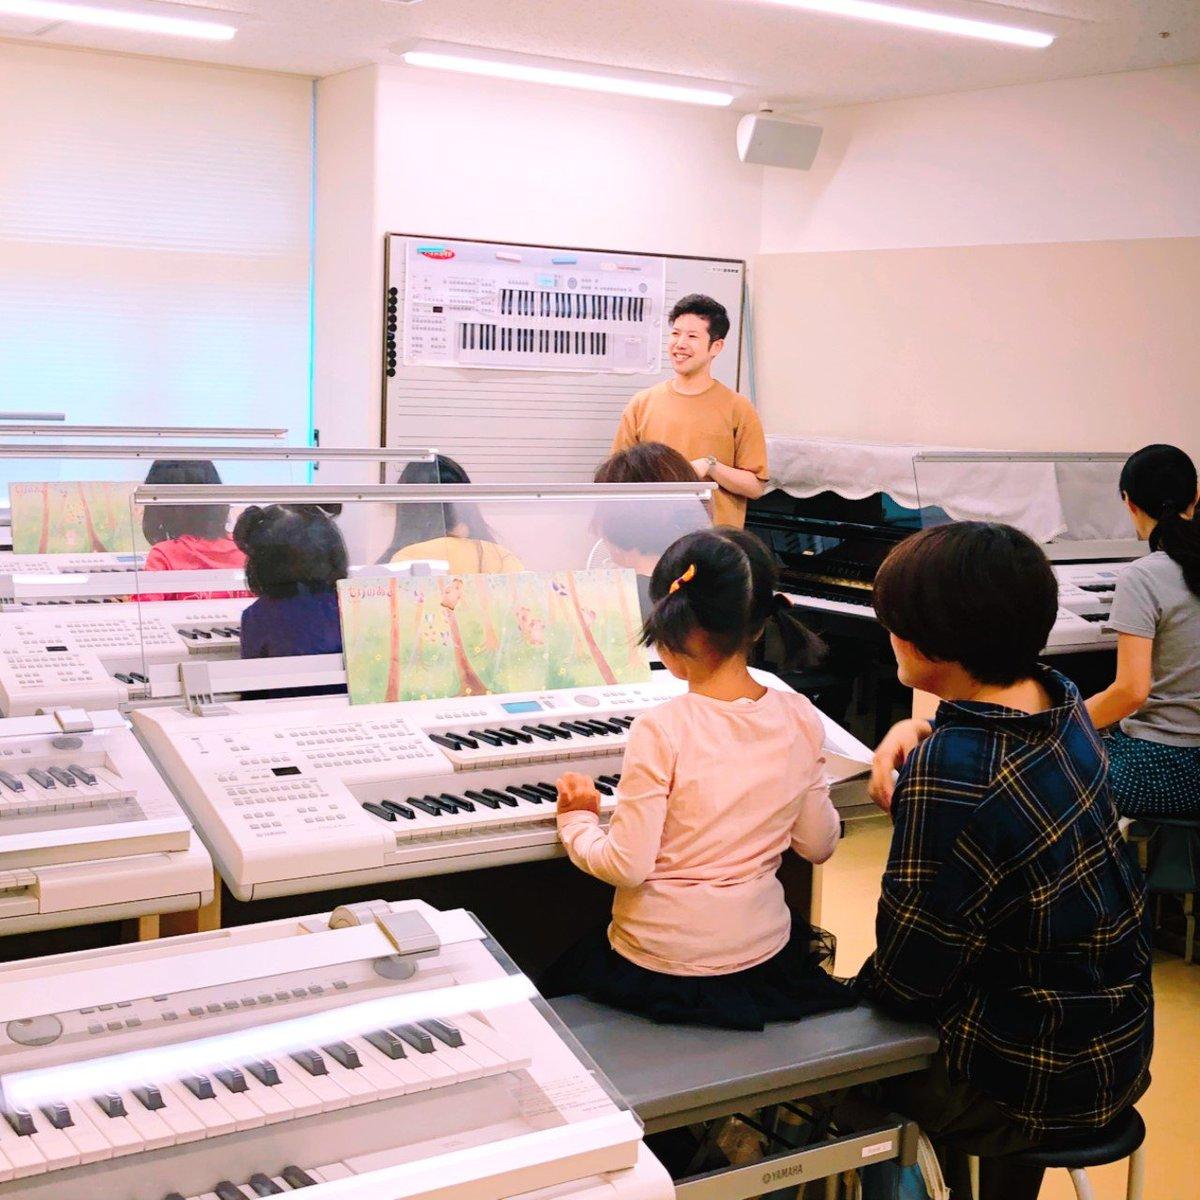 ヤマハ 音楽 教室 ツイッター